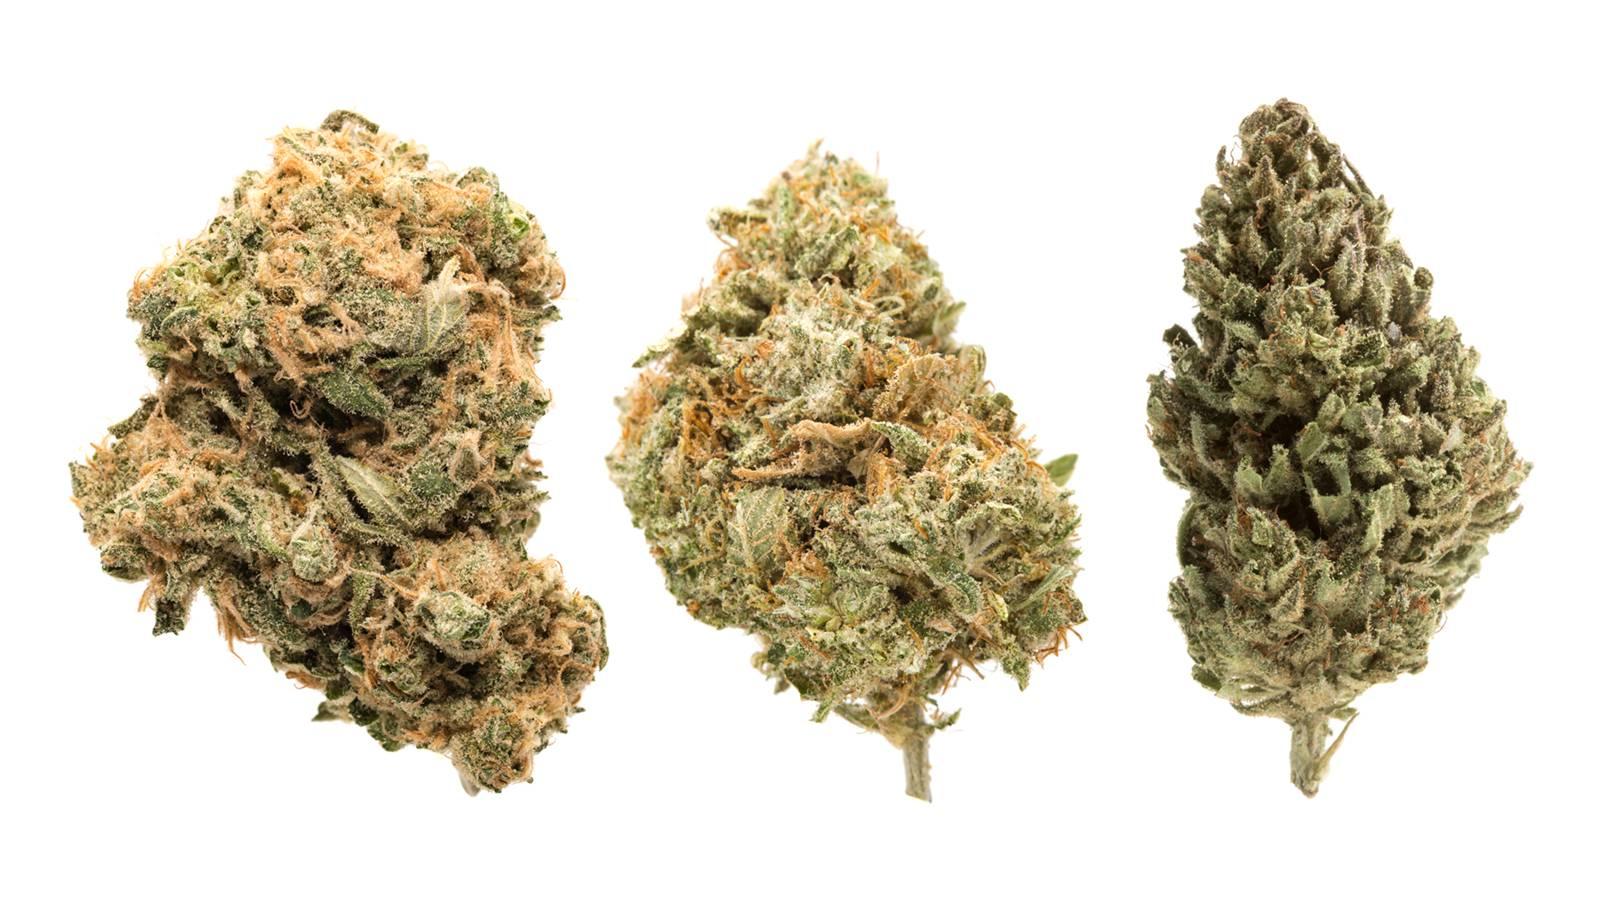 Buy Good Weed Online